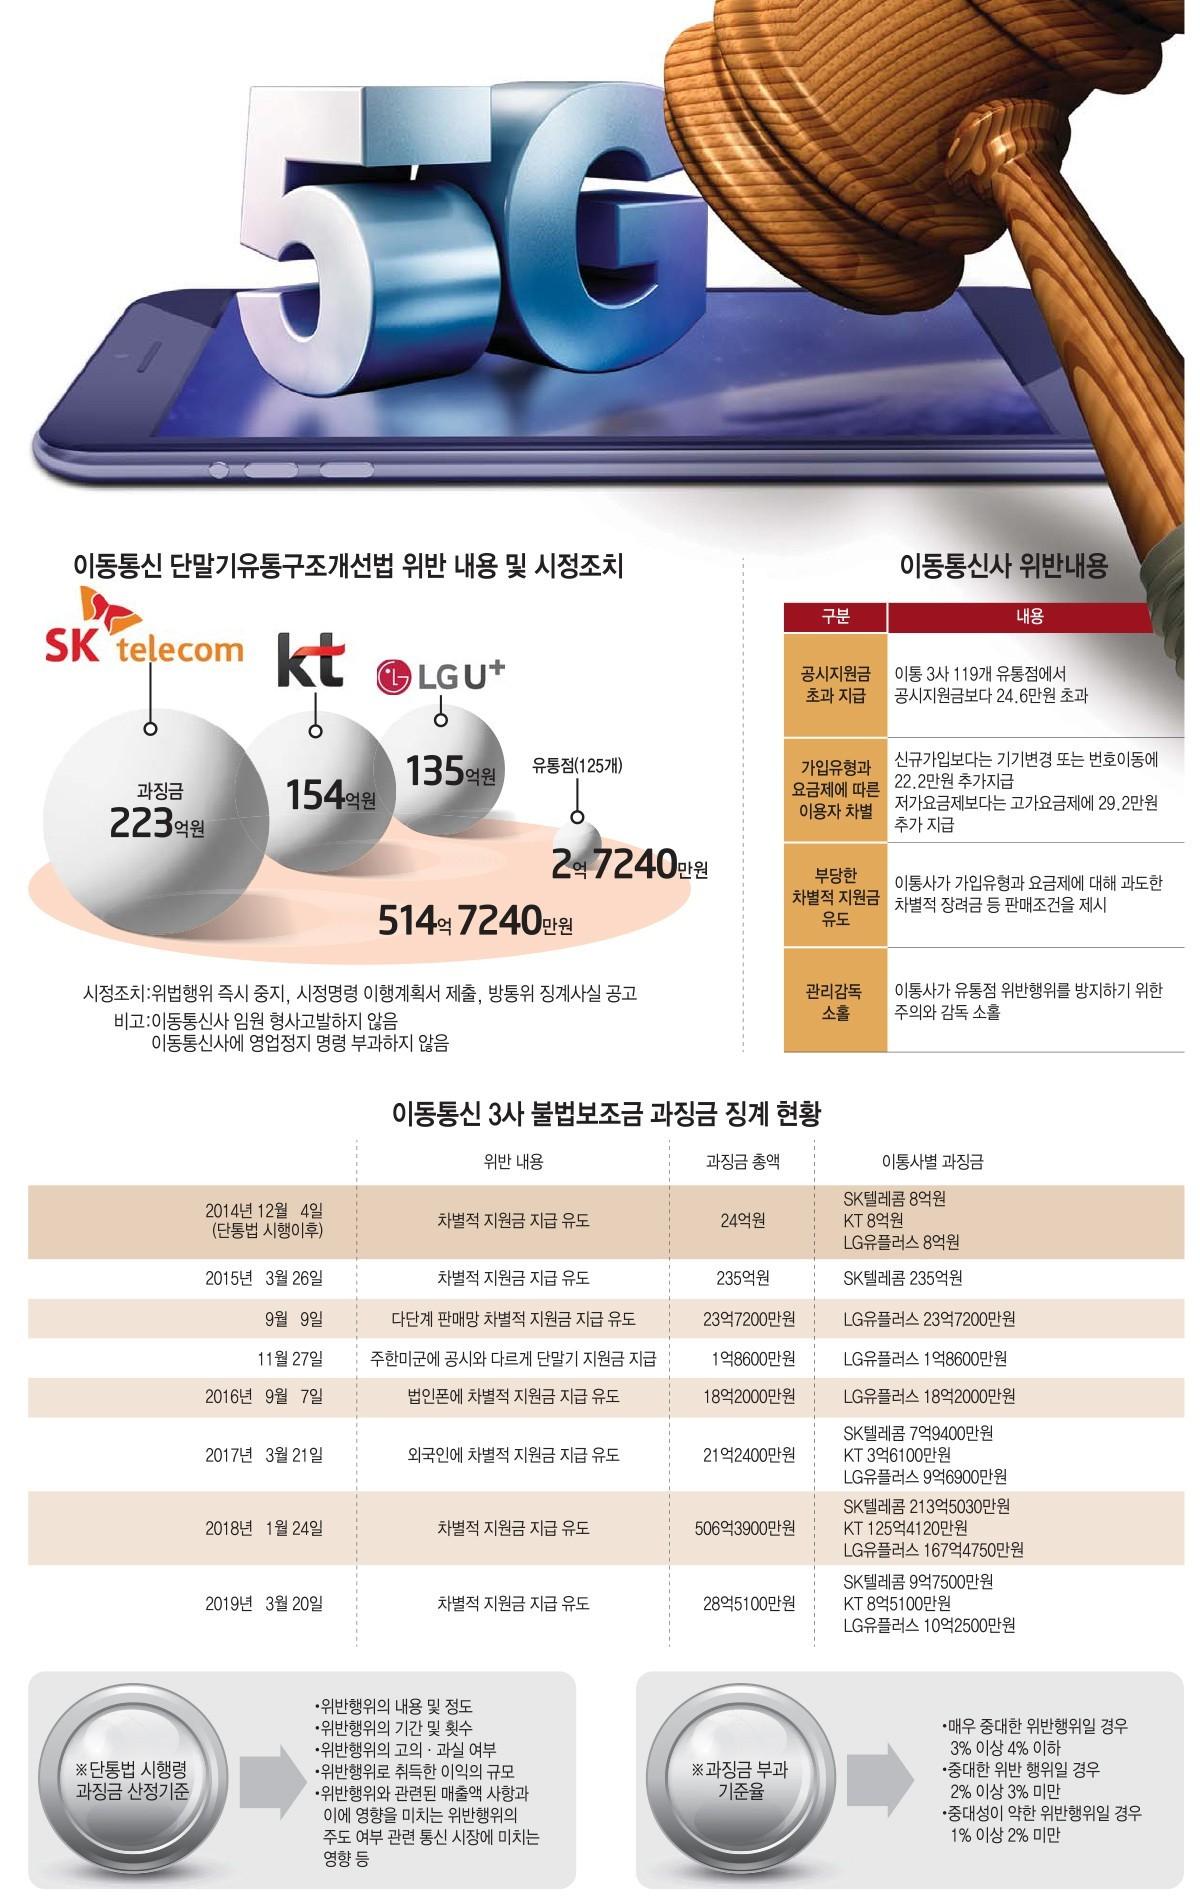 [이슈분석]5G 보조금, 역대급 과징금-감경률...불법엔 '채찍' 투자엔 '당근'